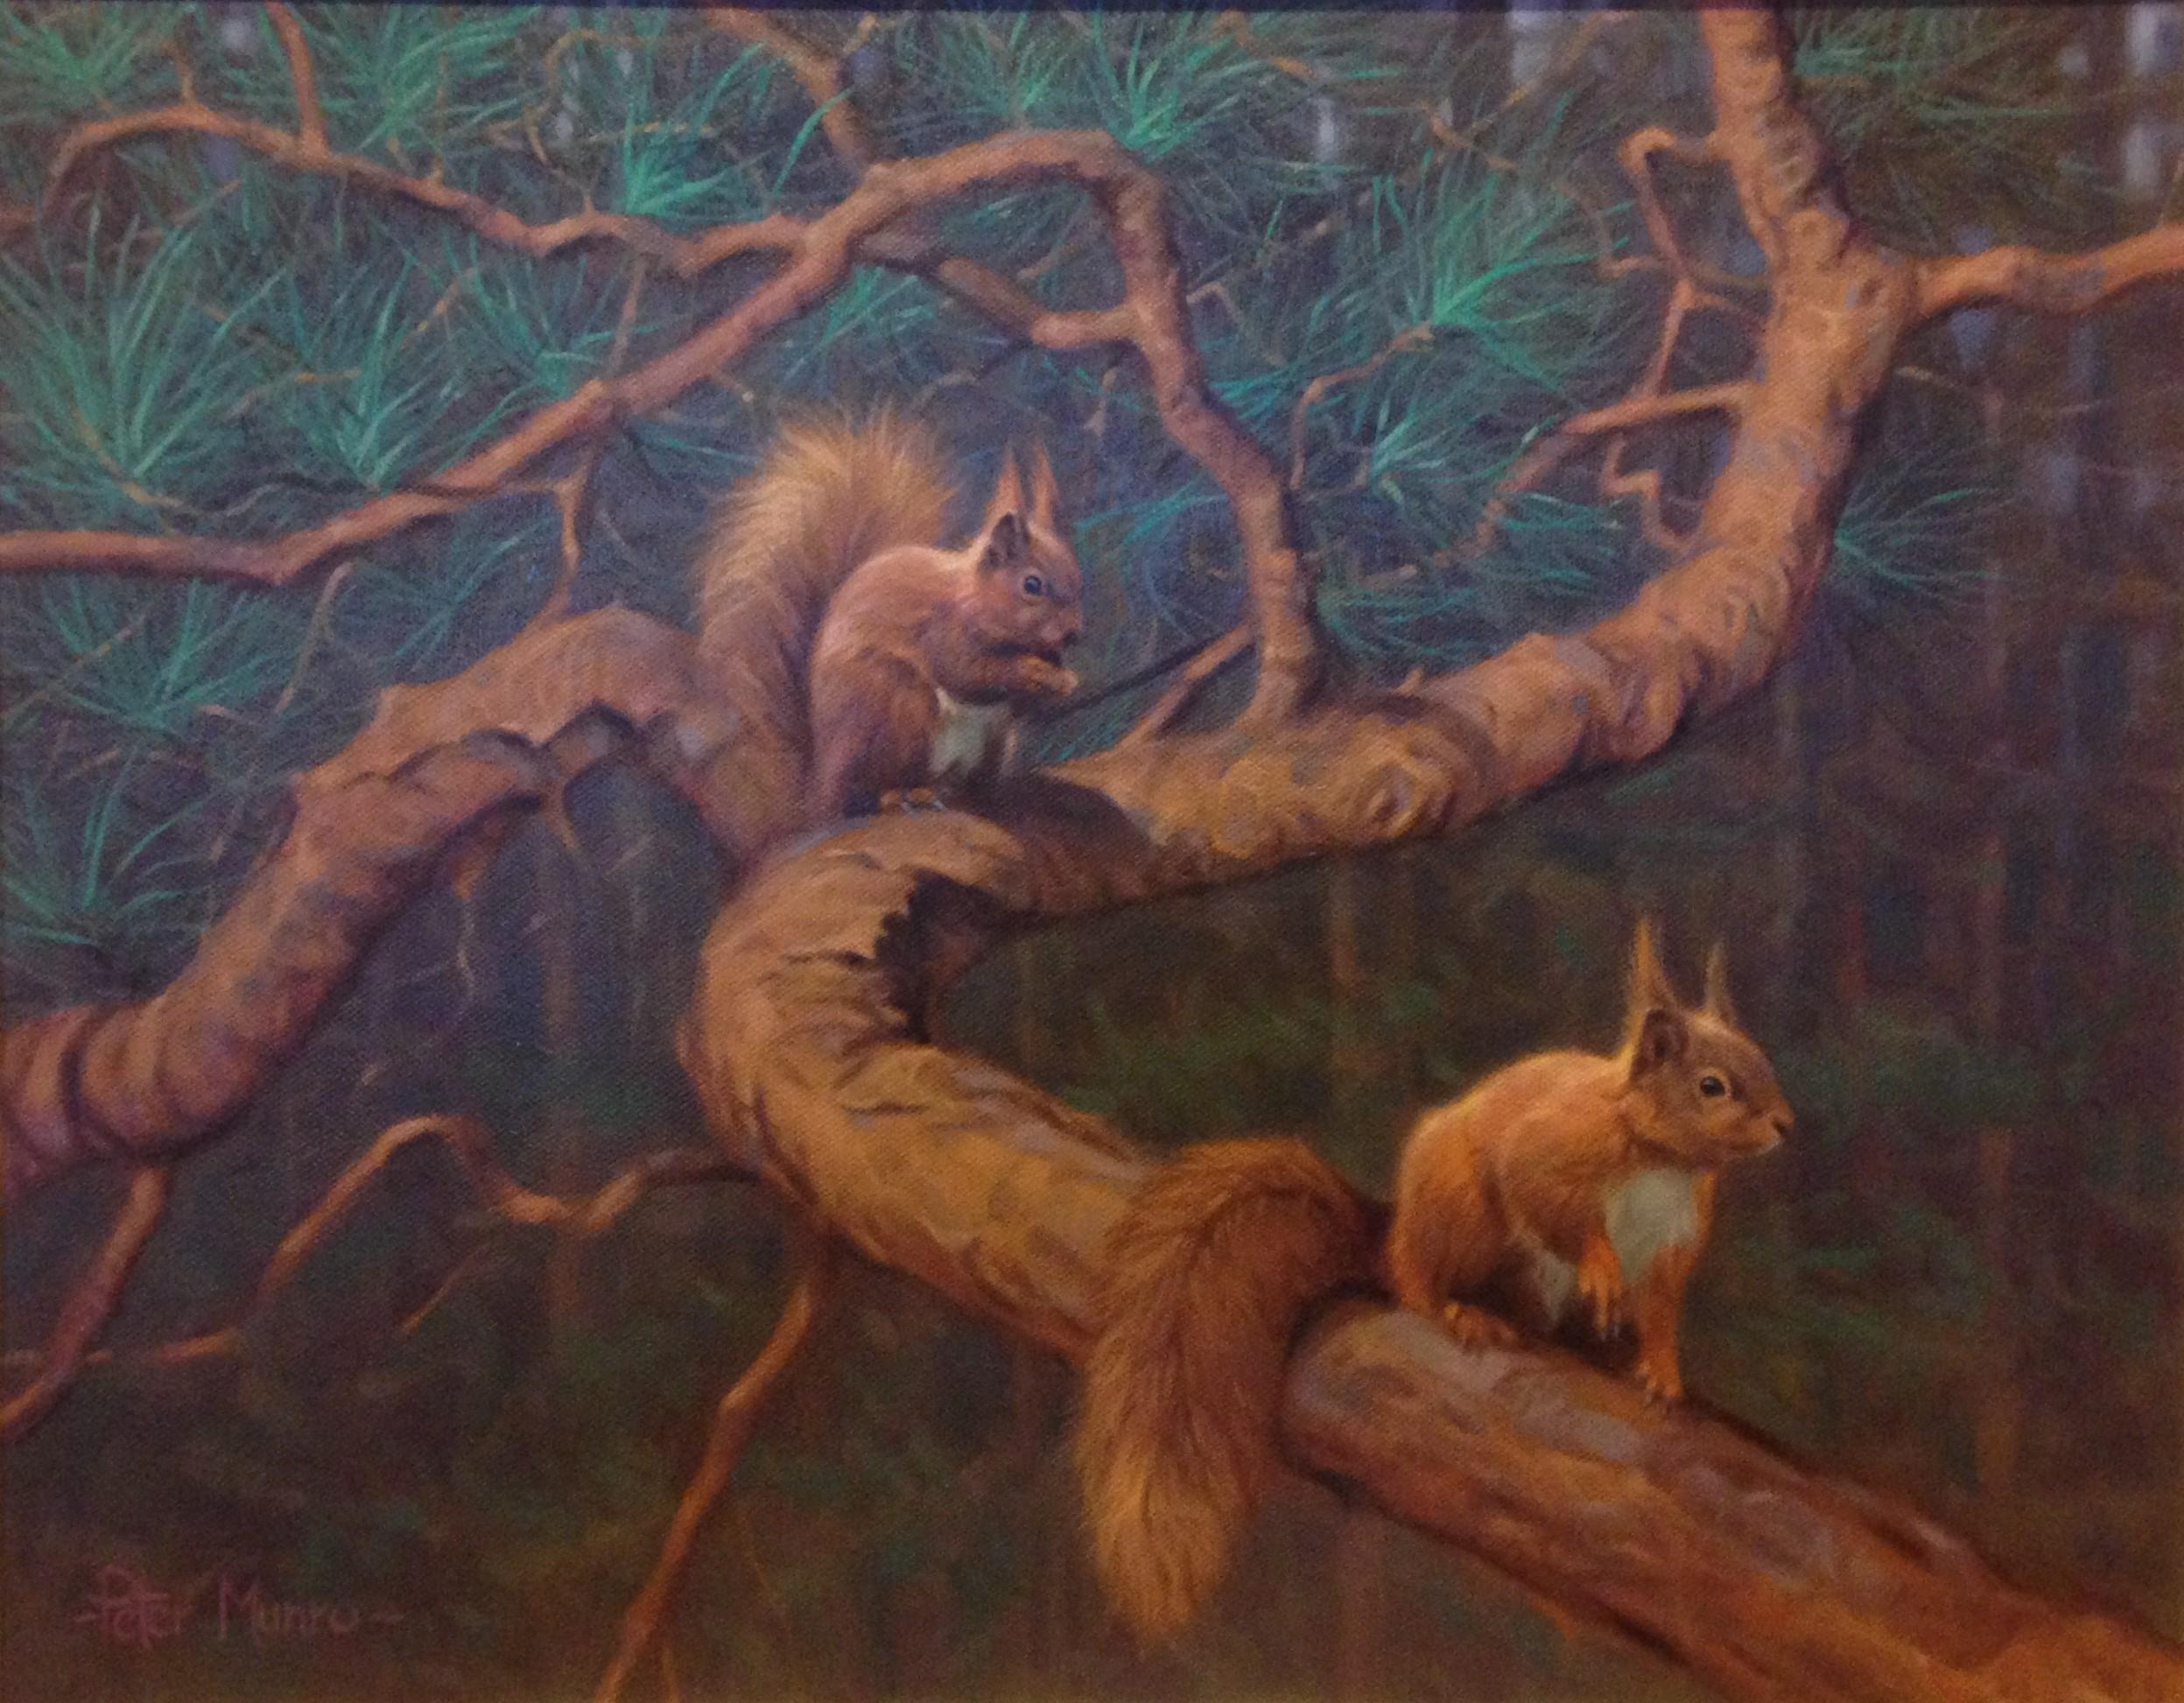 peter-munro-squirrels